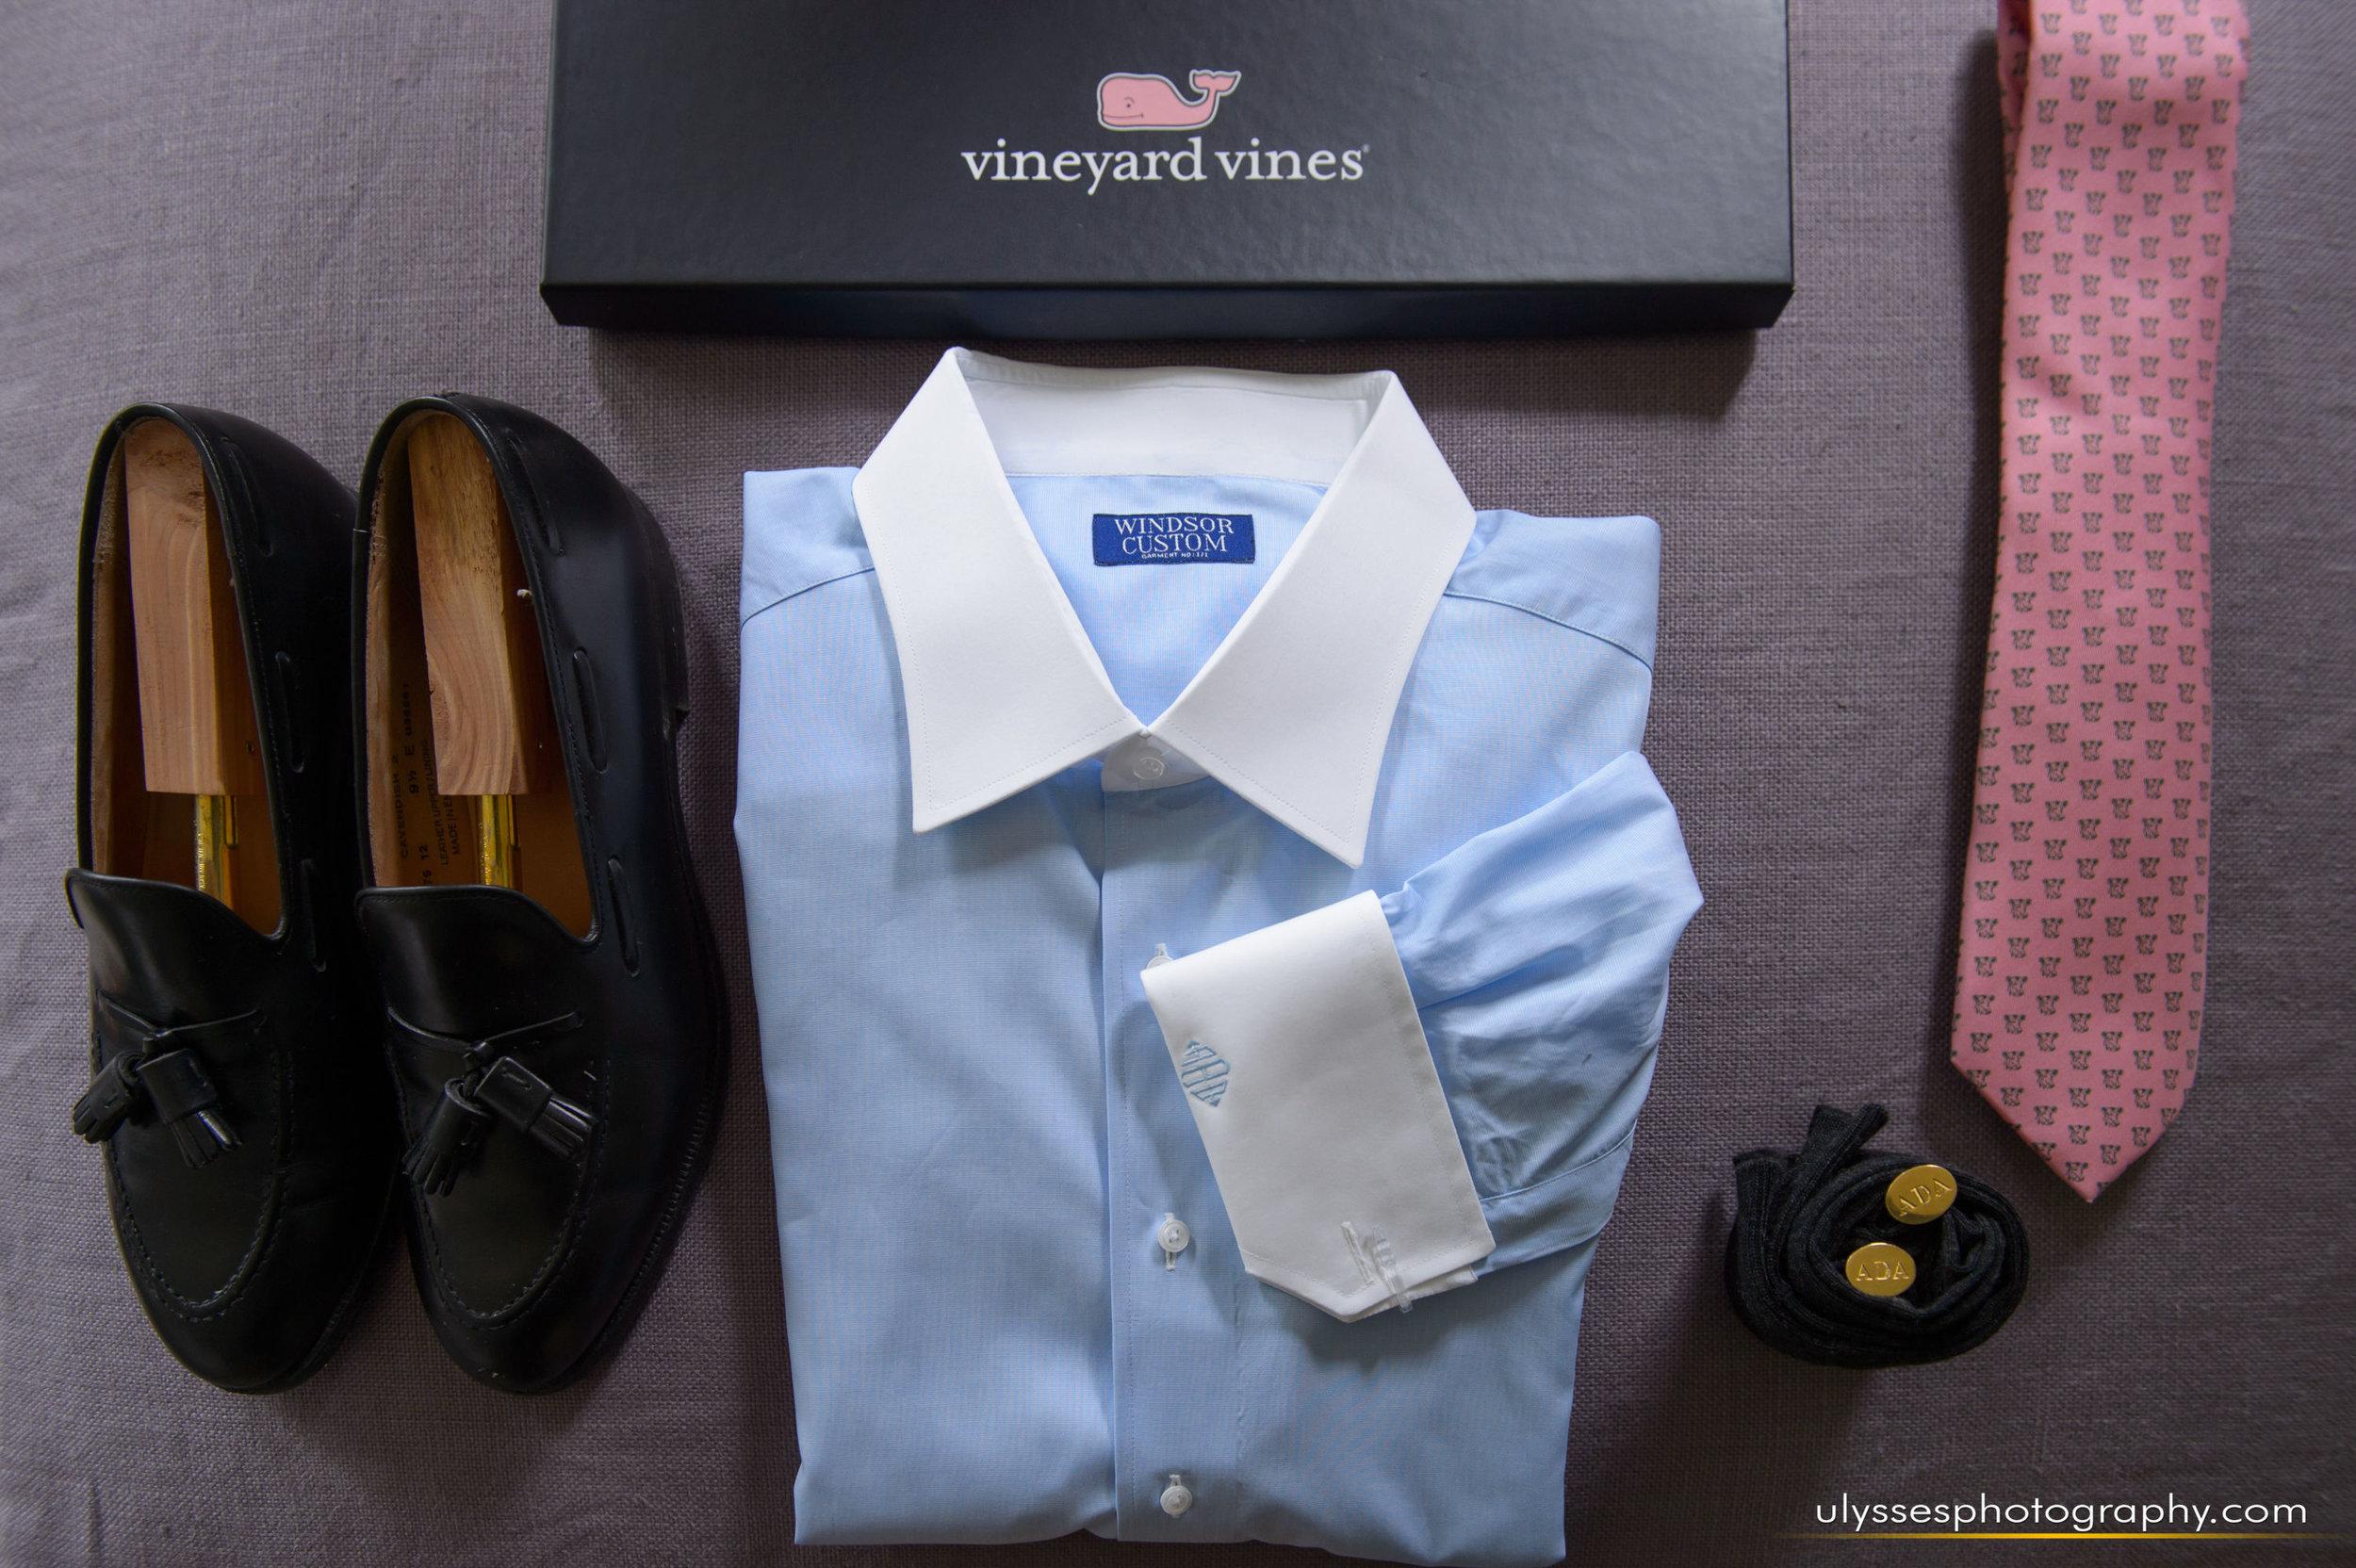 09 Vineyard Vines Windsor Custom Cufflinks Dunwalke Farms Tie Groom Details.jpg